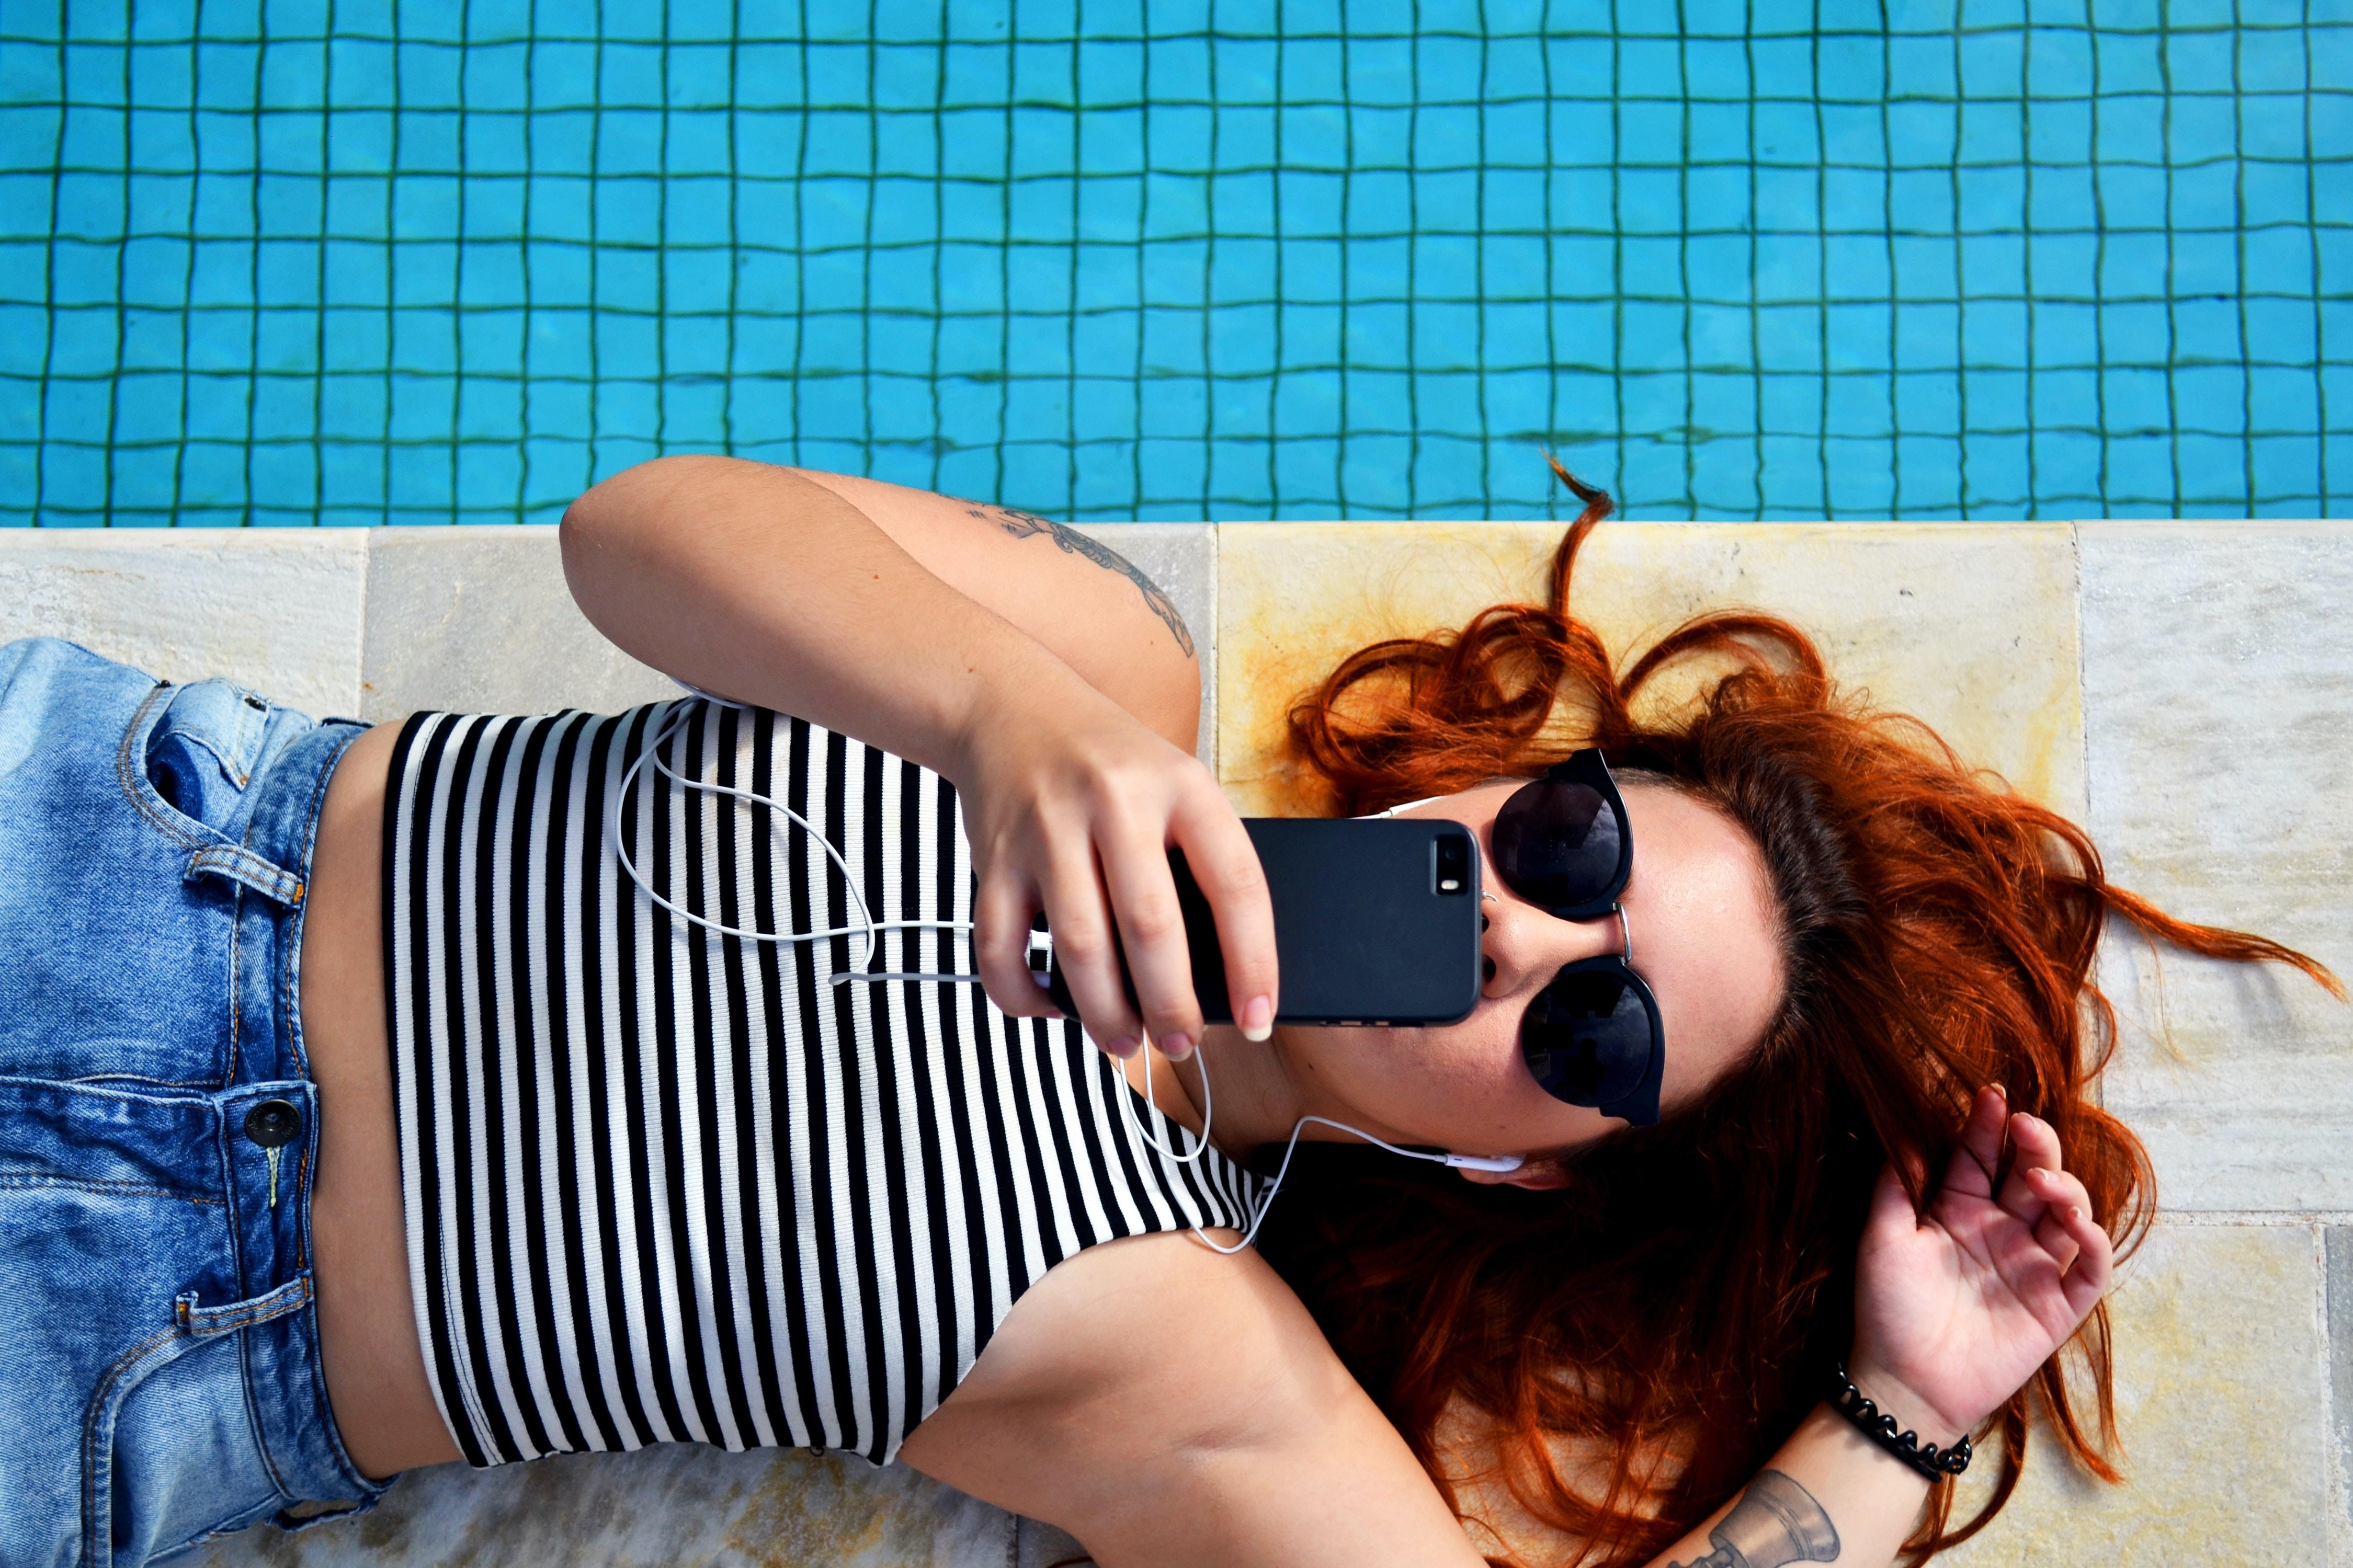 Sunglass wearing woman relaxing near swimmingpool with earphone plugged in iPhone at Sao Paulo